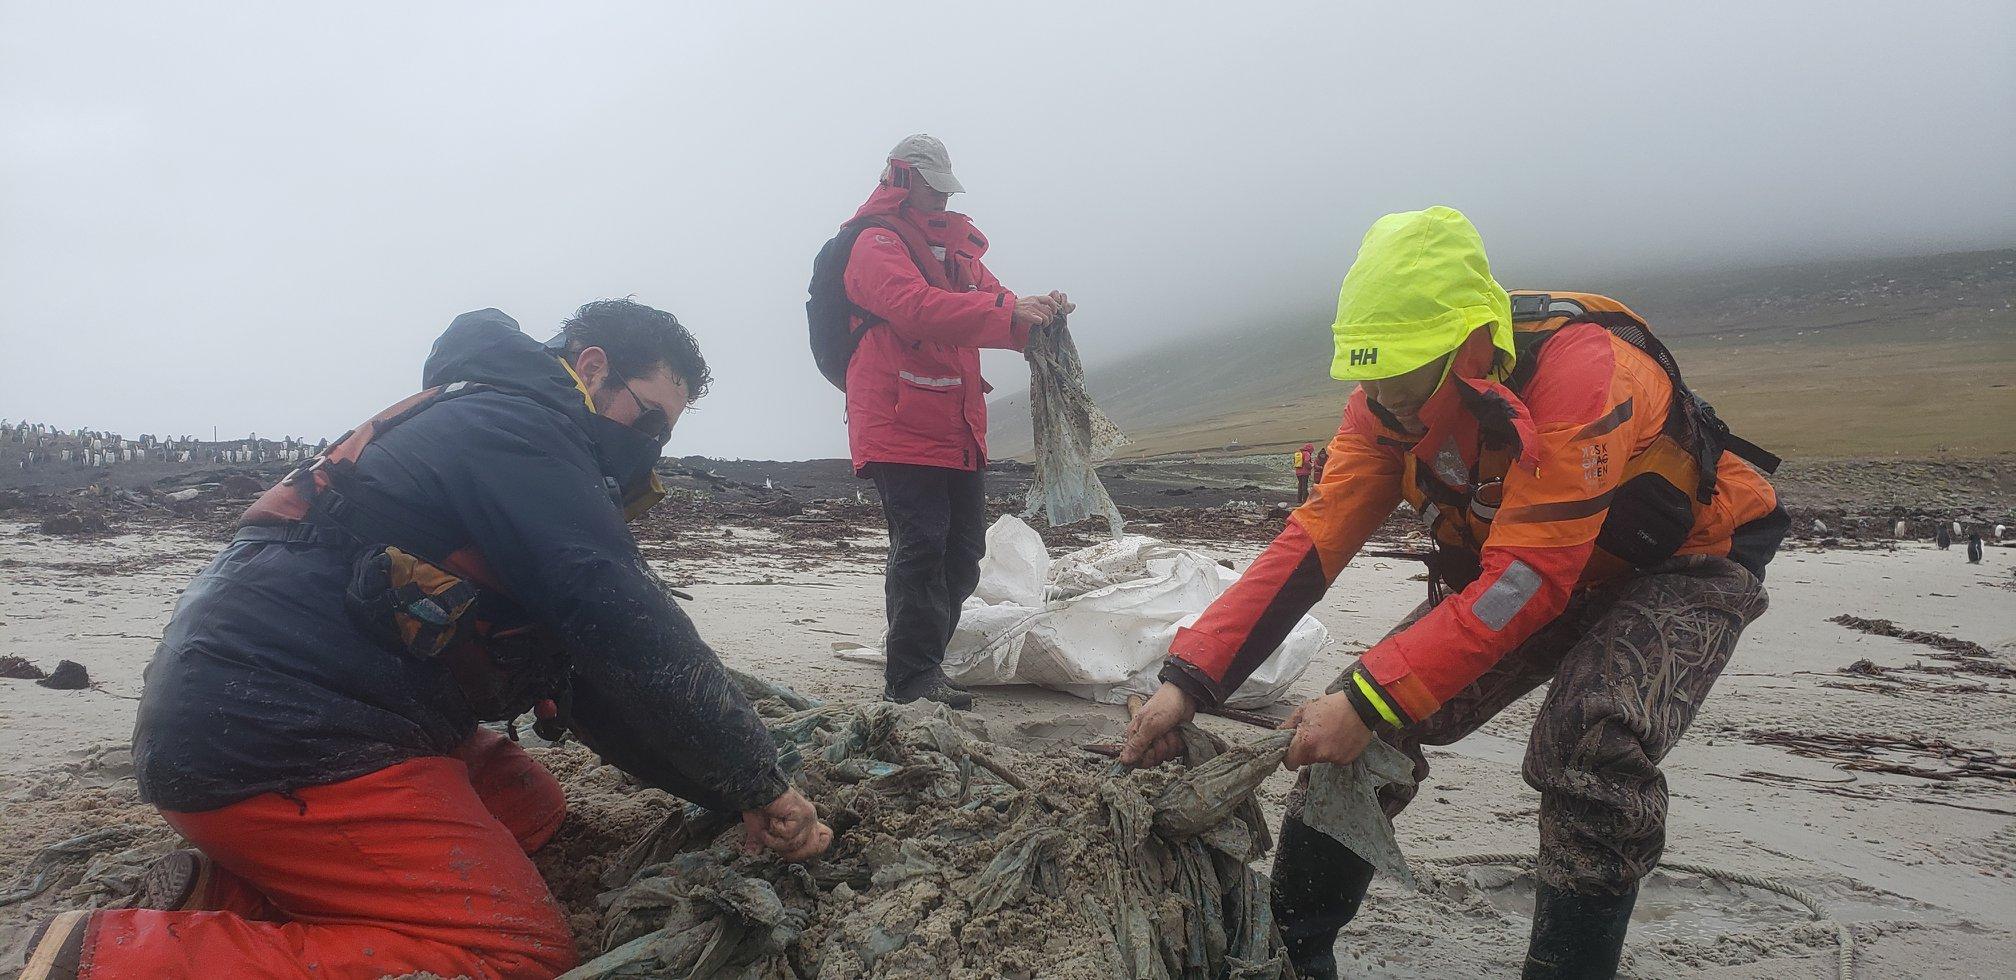 嚮導和遊客在佈滿企鵝的沙灘上,一起清除塑膠垃圾。© Eric Wong / Greenpeace